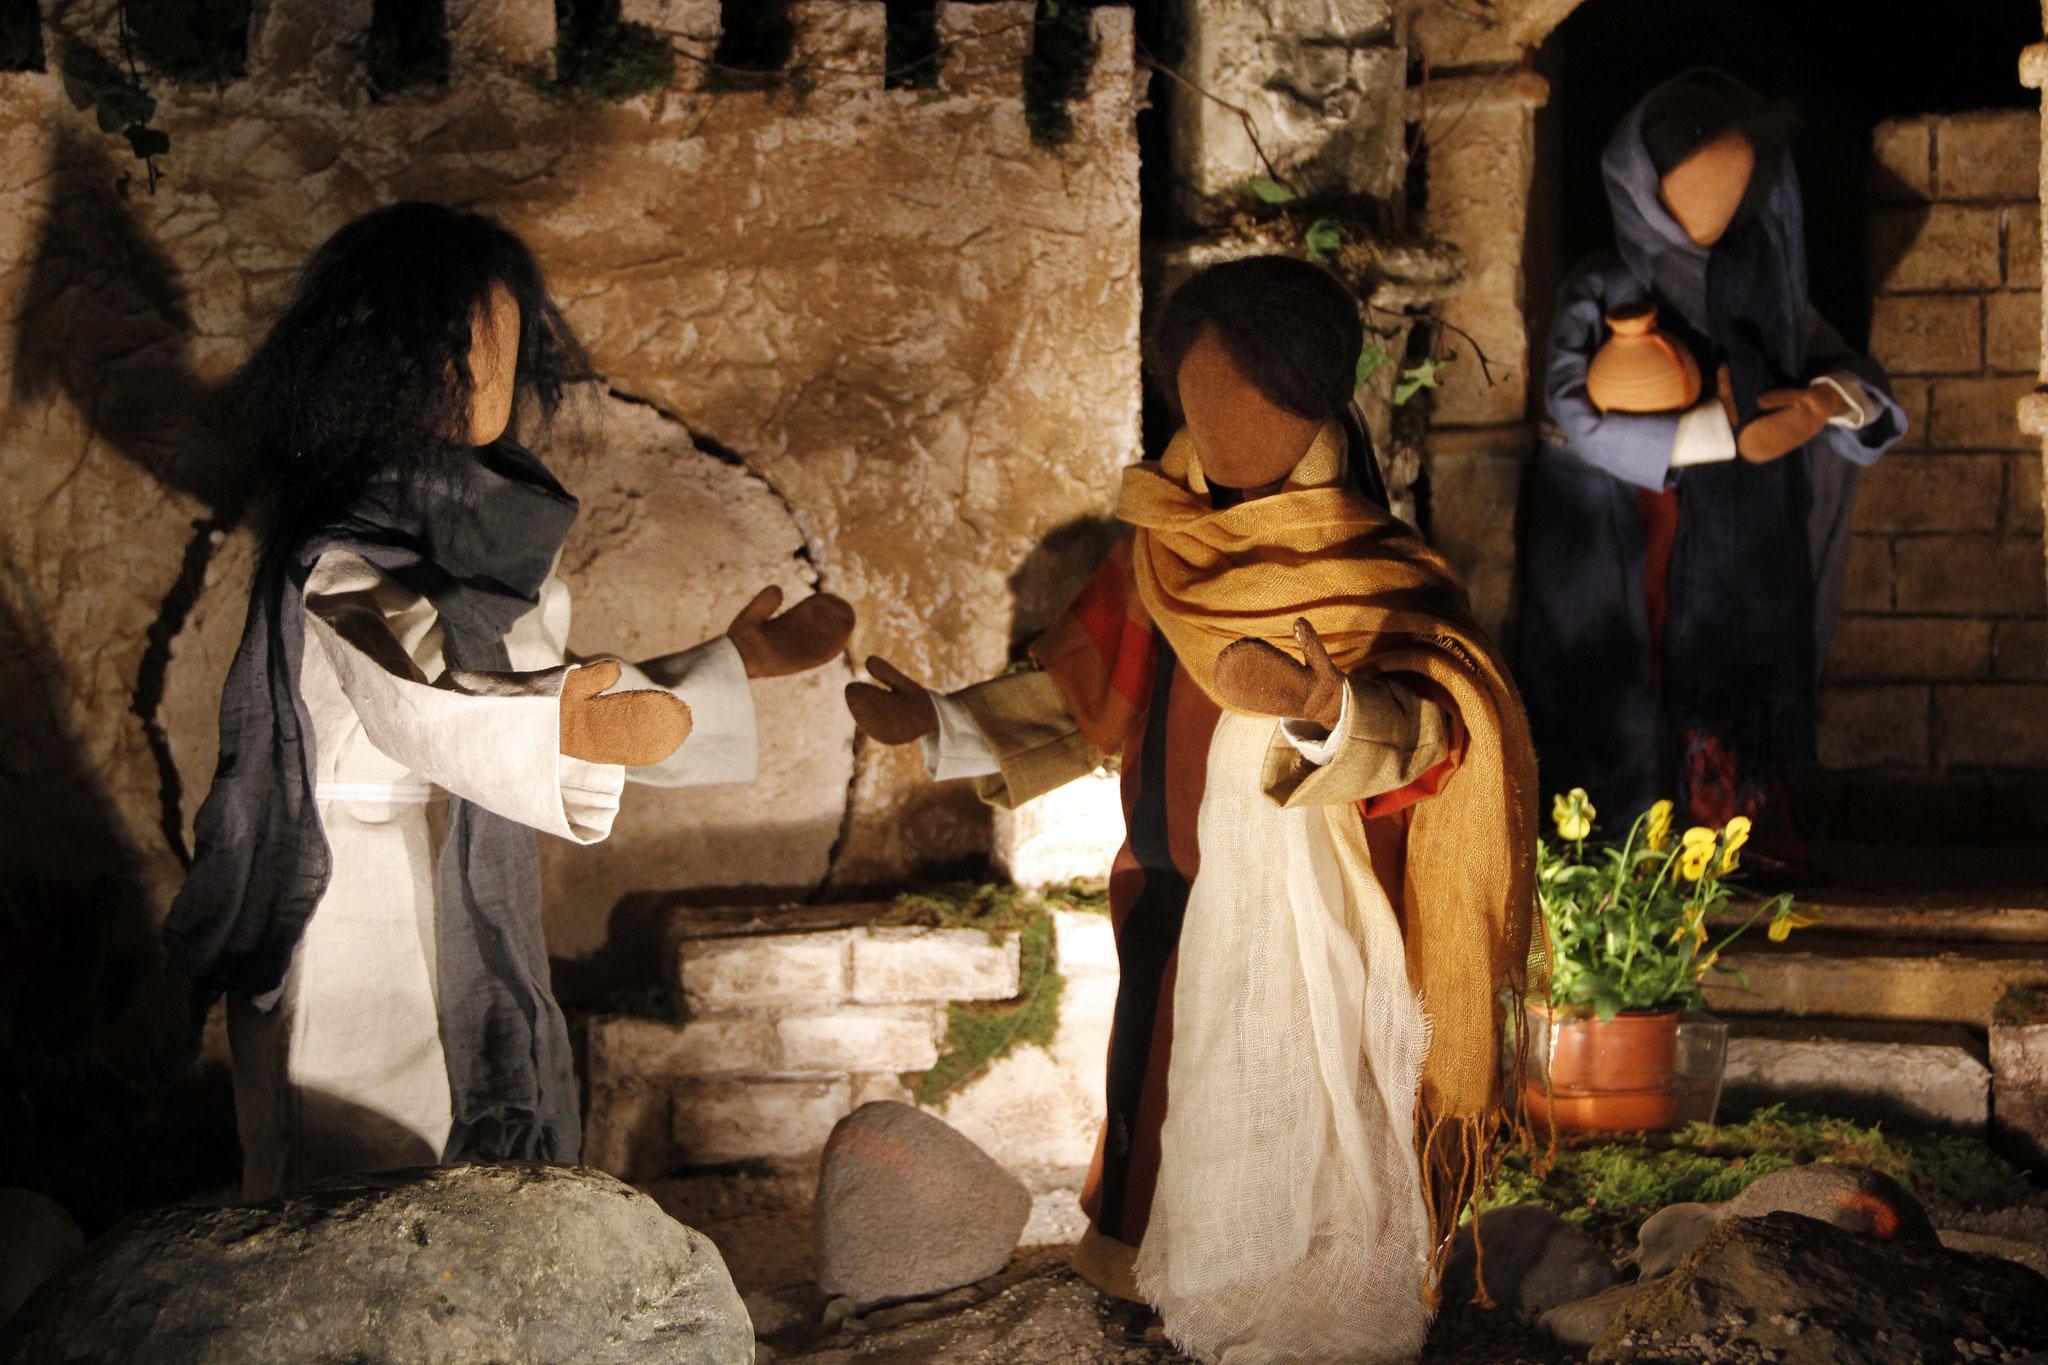 Als Marta hörte, dass Jesus komme, ging sie ihm entgegen, Maria aber blieb im Haus. Marta sagte: Herr, wärst du hier gewesen, dann wäre mein Bruder nicht gestorben.